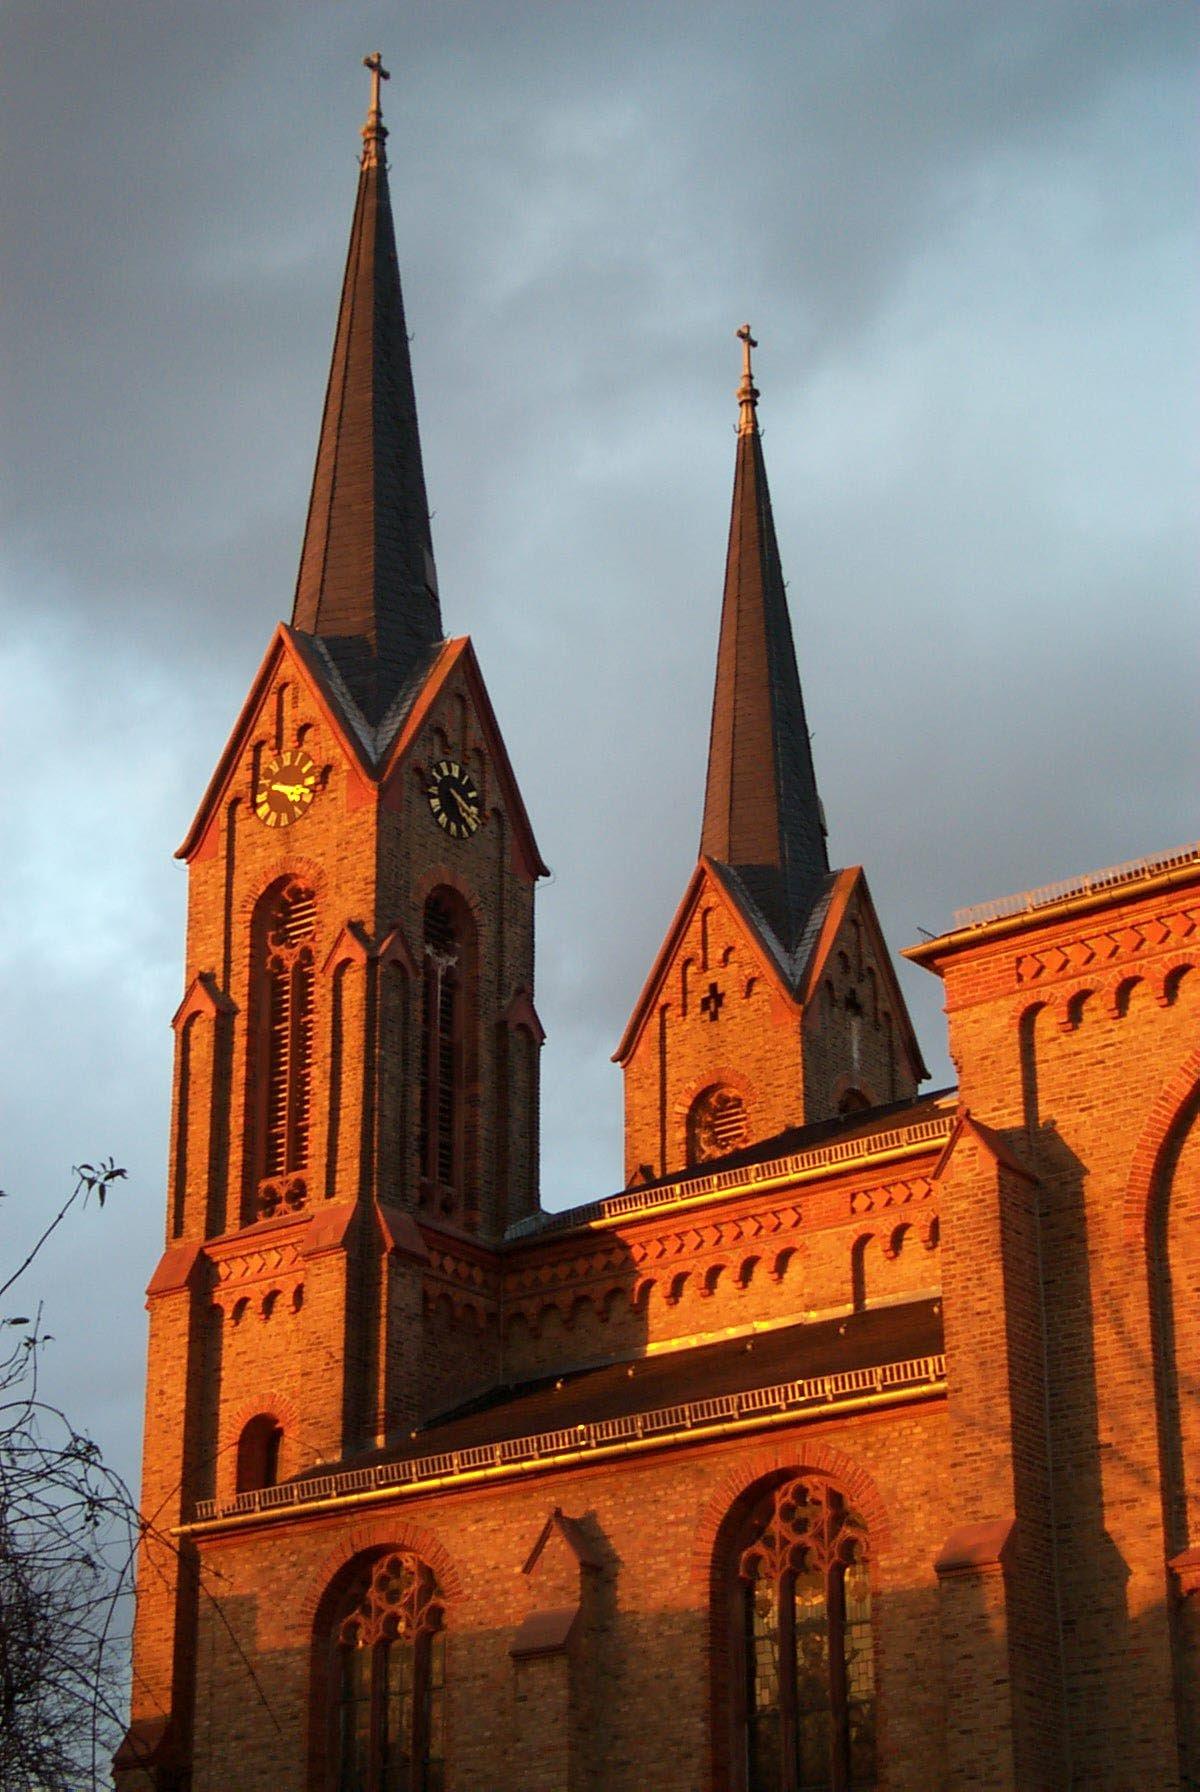 Die zwei Kirchtürme von St. Vitus im roten Licht des Sonnenuntergangs